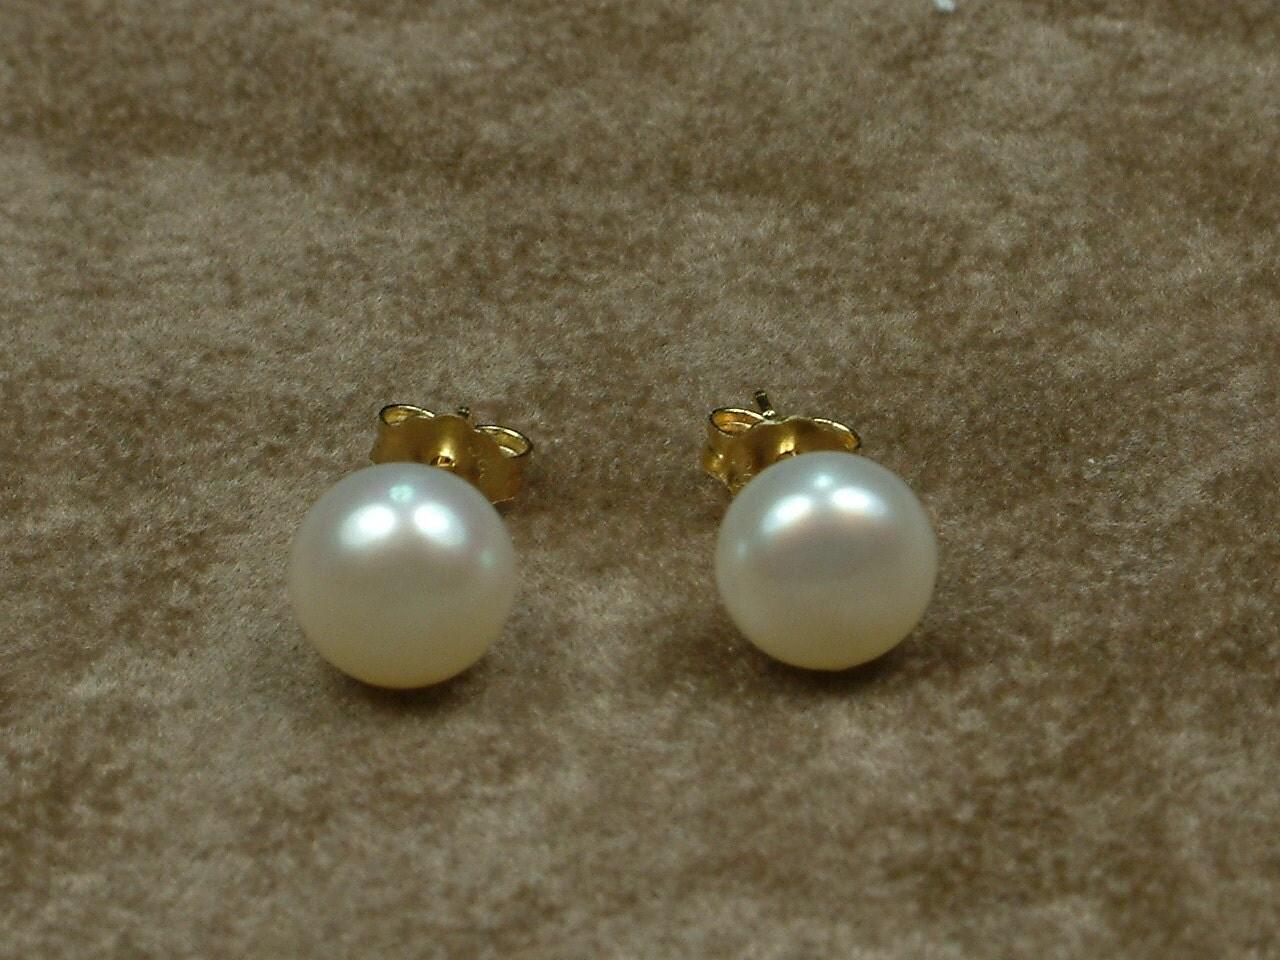 white pearl stud earrings 8 mm